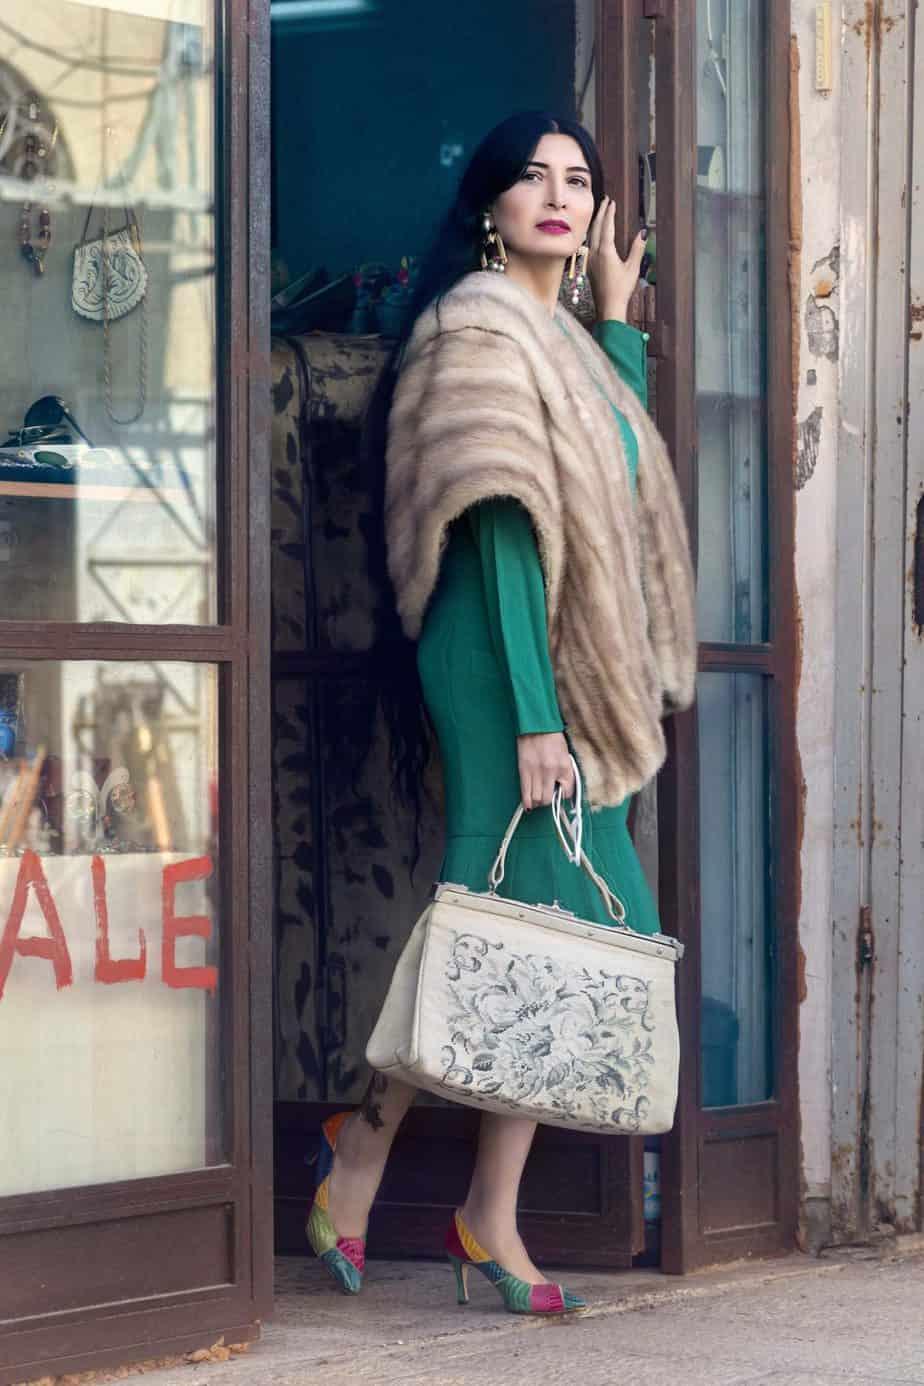 שמלה christian Dior נעליים מותג CHARLES צרפתי. . . מאיה אושרי כהן, צילום: Gennadiy Tsodik, אופנה במנהרת הזמן, לוני ויטג׳ -